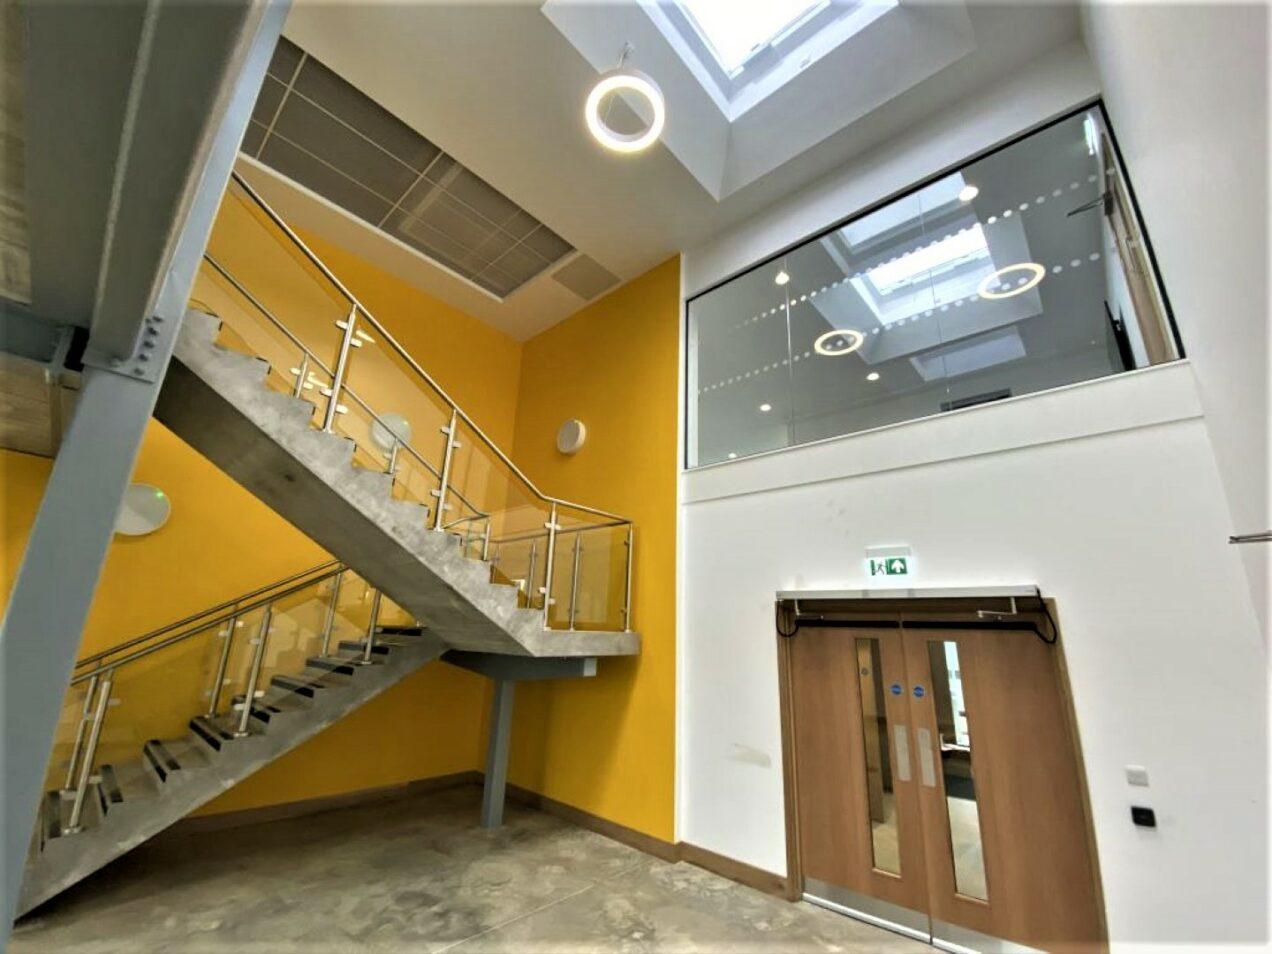 01 main stair